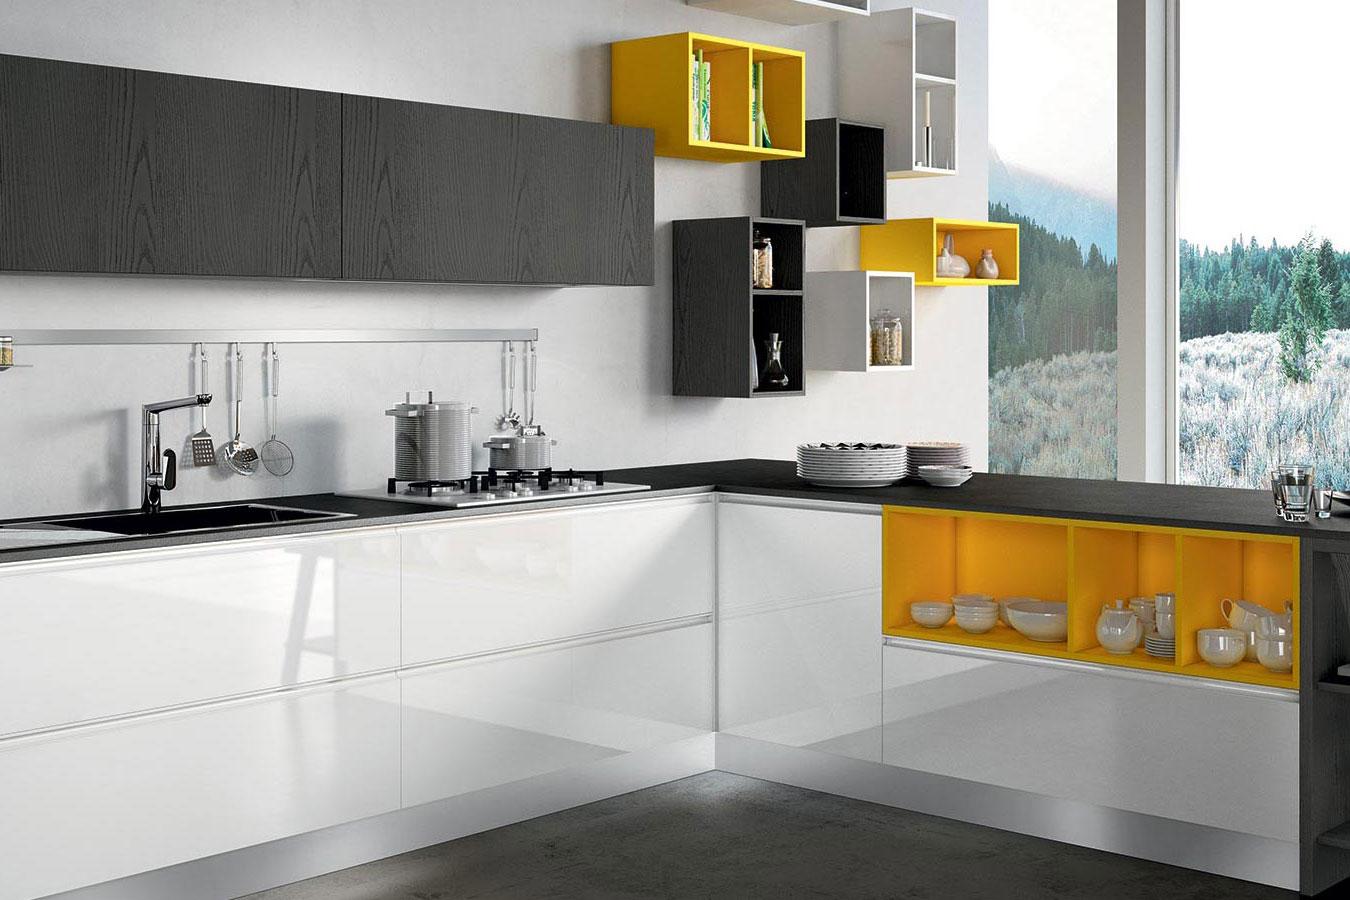 Mobili Cucina Giallo.Arredo3 Cucina Moon Duna 5 Moderna Design Bianco Grigio